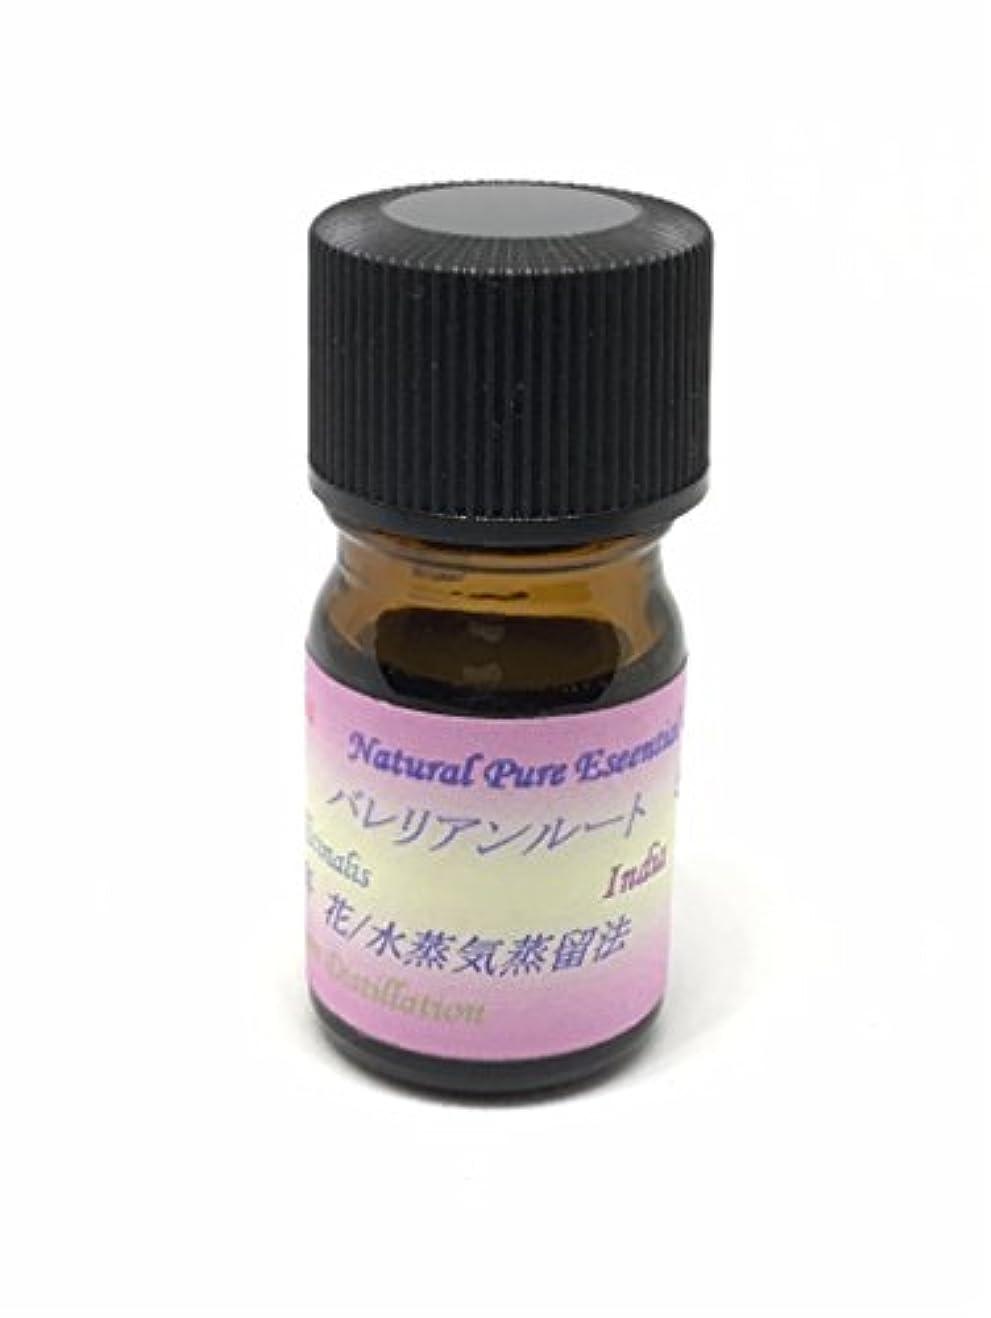 それぞれクラシカルウールバレリアンルート精油 西洋カノコ草 Valerian root  (30ml)